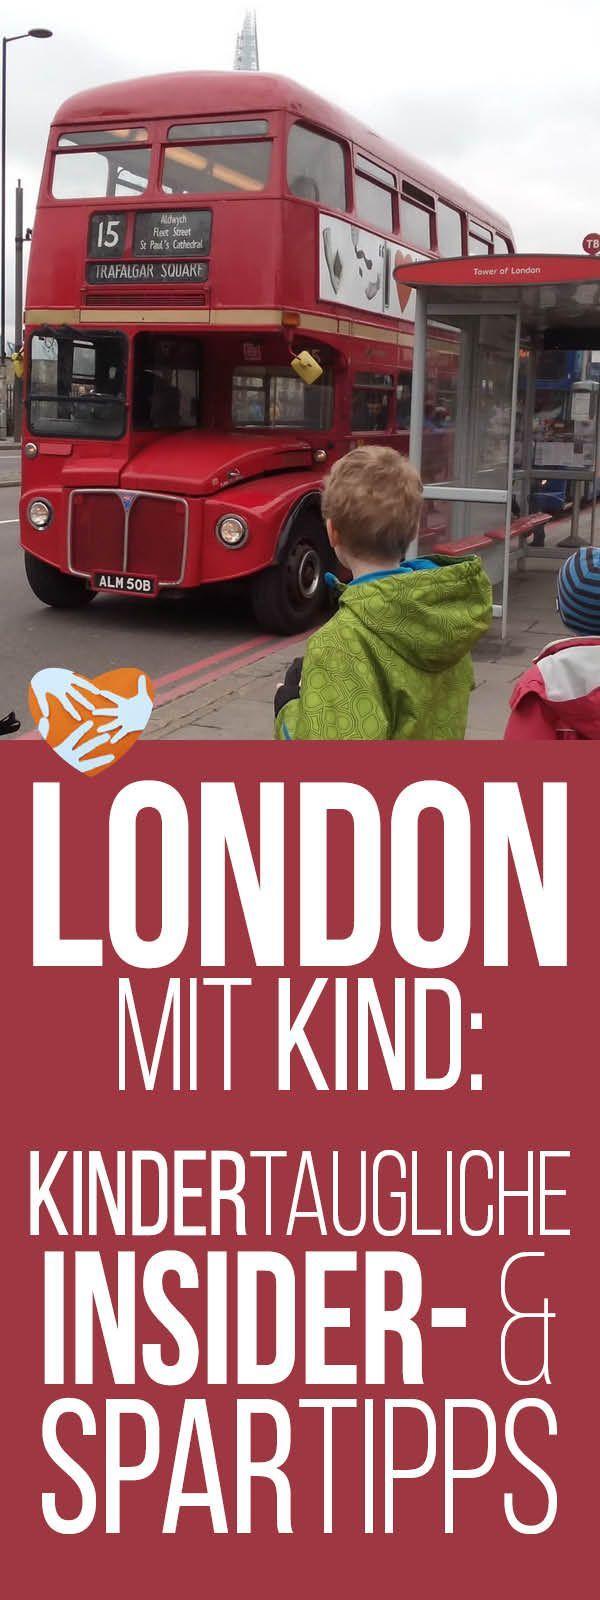 London mit Kind: Empfehlungen für kindertaugliche Sehenswürdigkeiten, Spartipps, Geld und Nerven sparen, Reisen mit Kind, Städtetrip